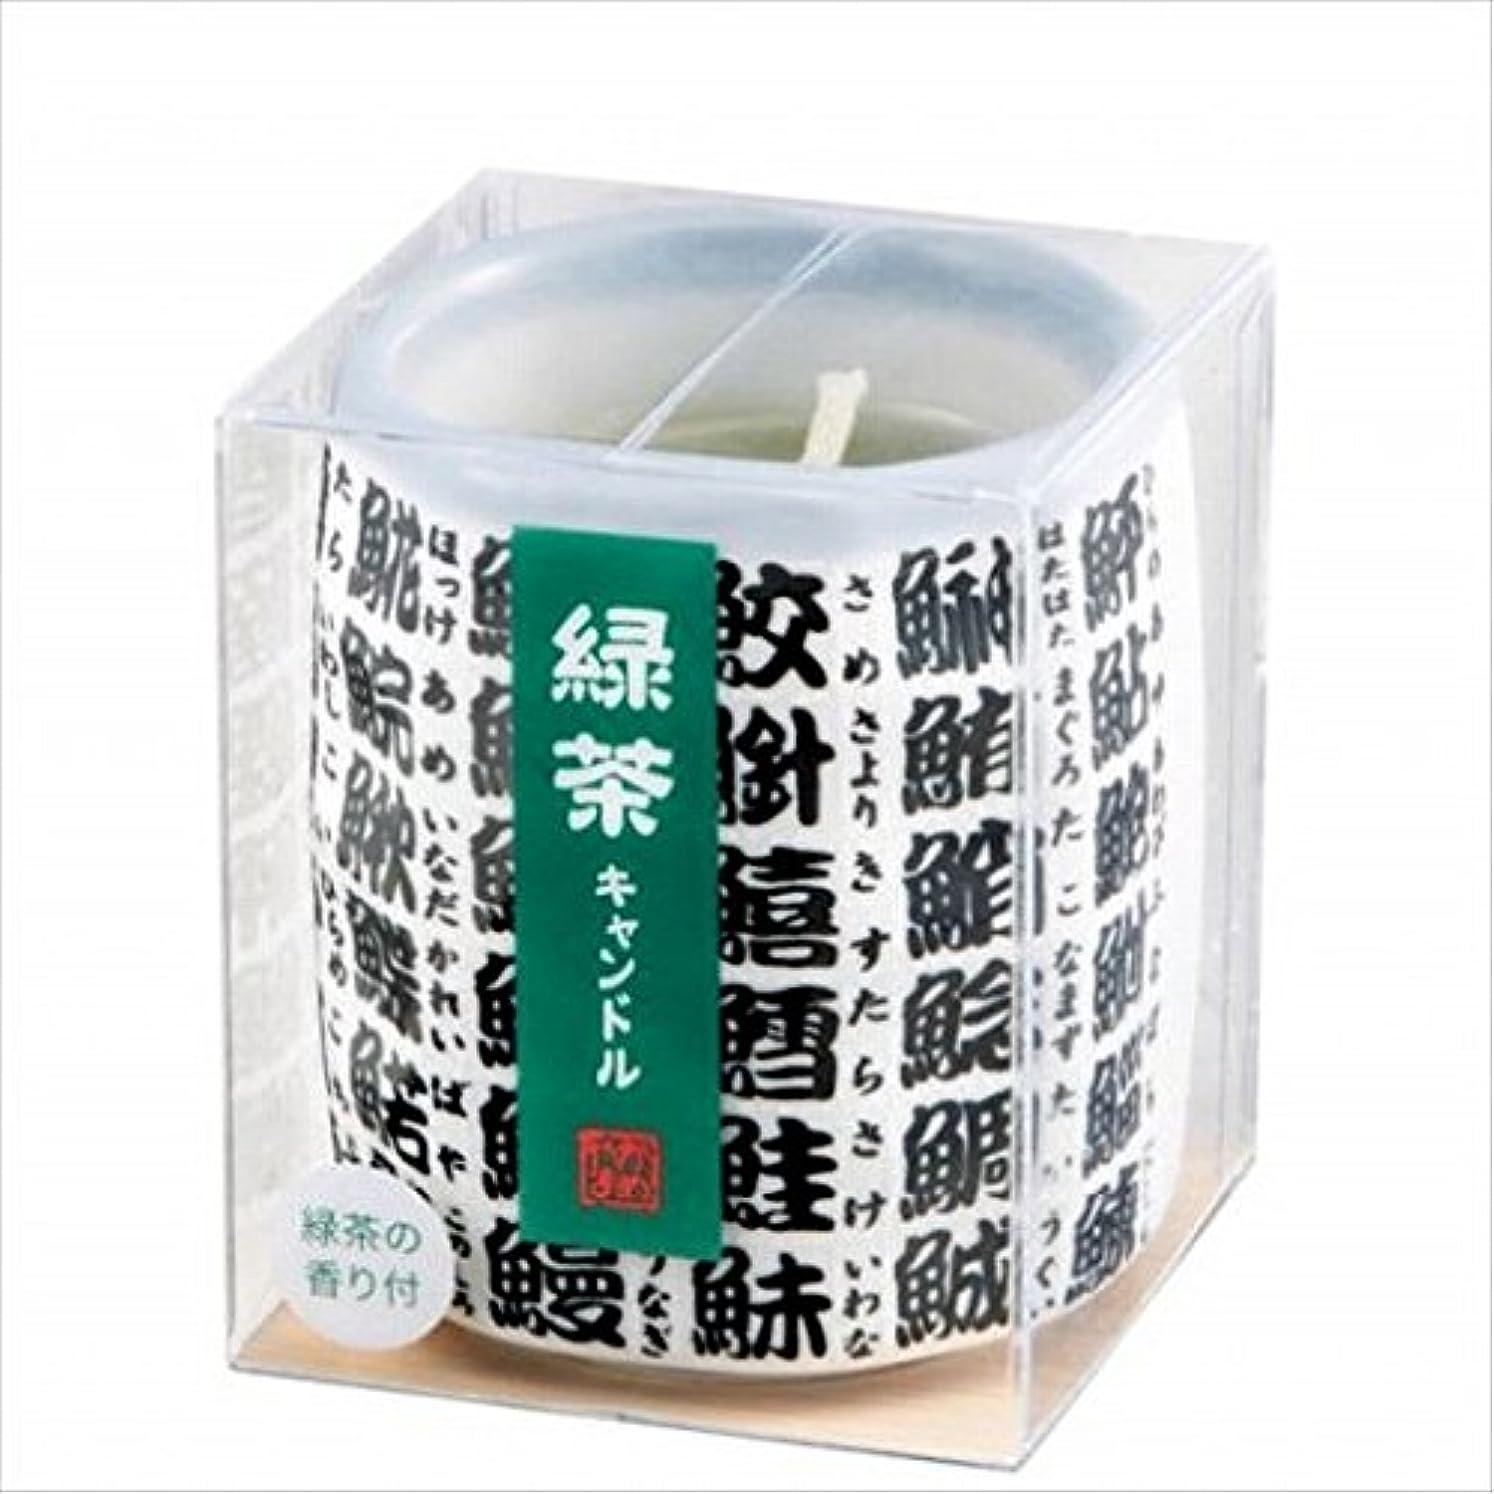 後ろ、背後、背面(部チキンハイキングkameyama candle(カメヤマキャンドル) 緑茶キャンドル(小)(86070010)